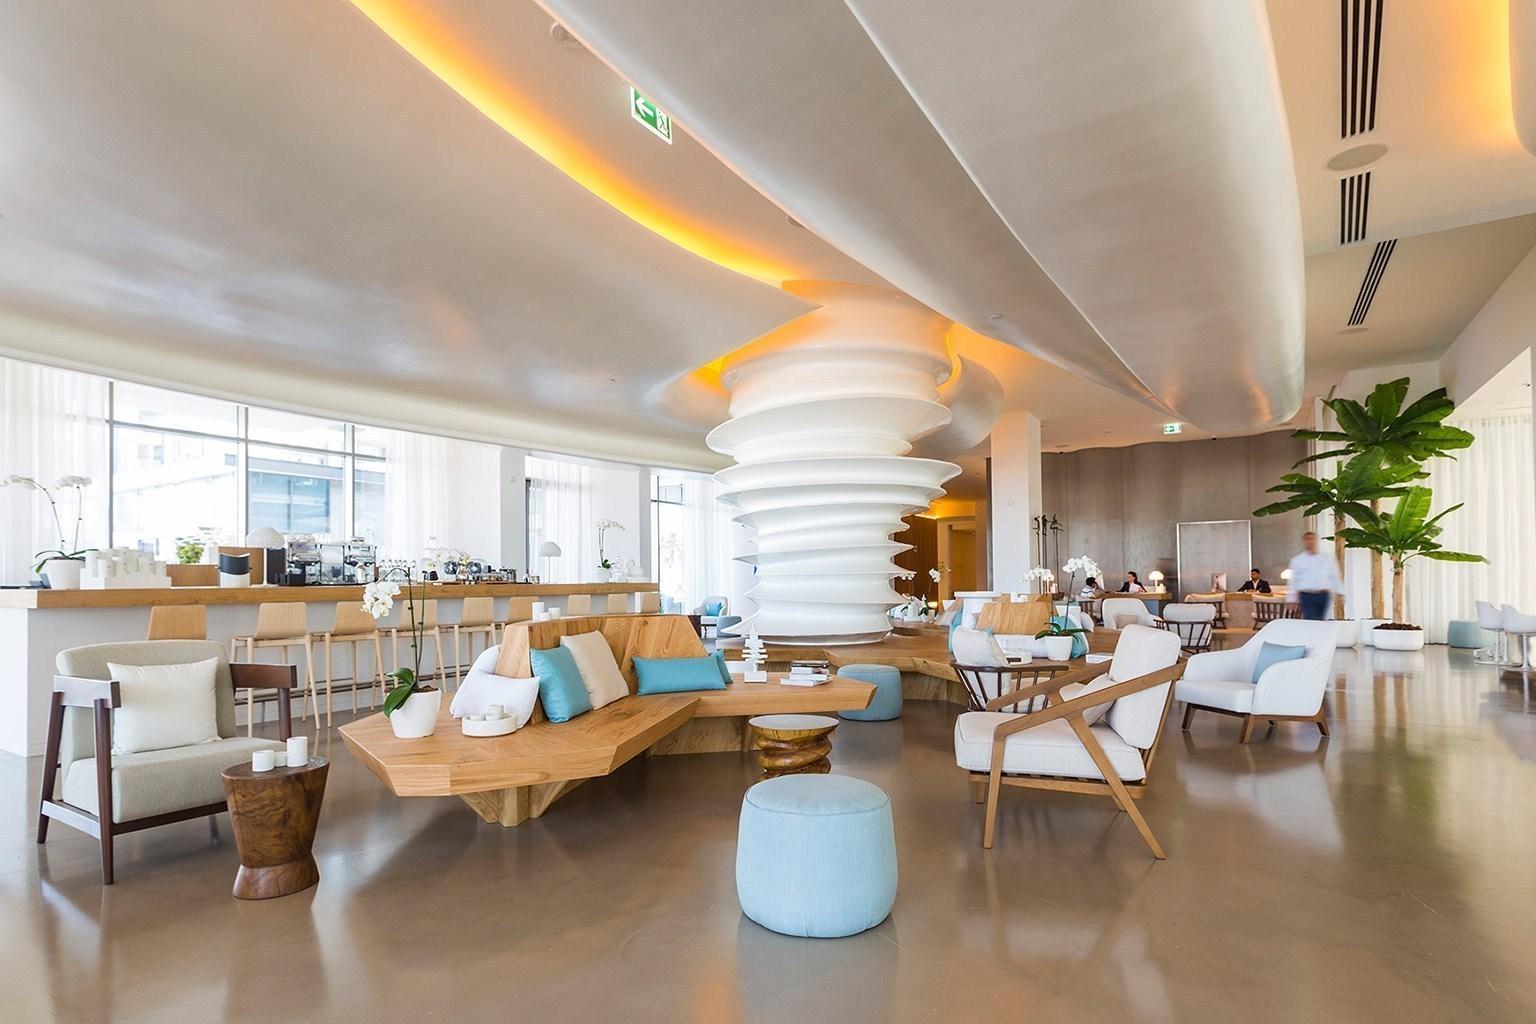 Nikki Beach Resort & Spa in Dubai | DESIGNREISEN